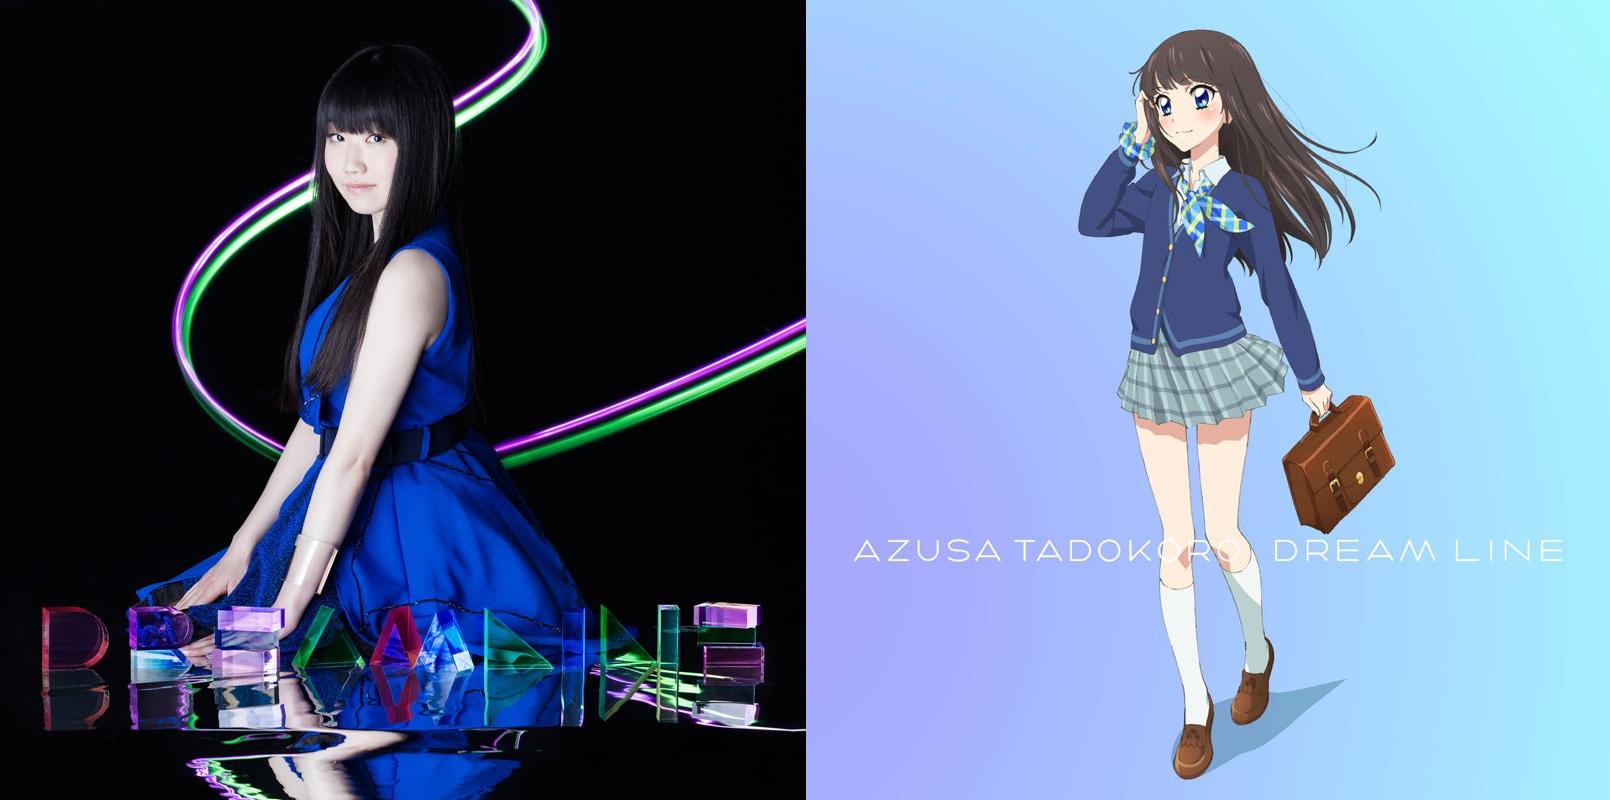 Azusa_Tadokoro single